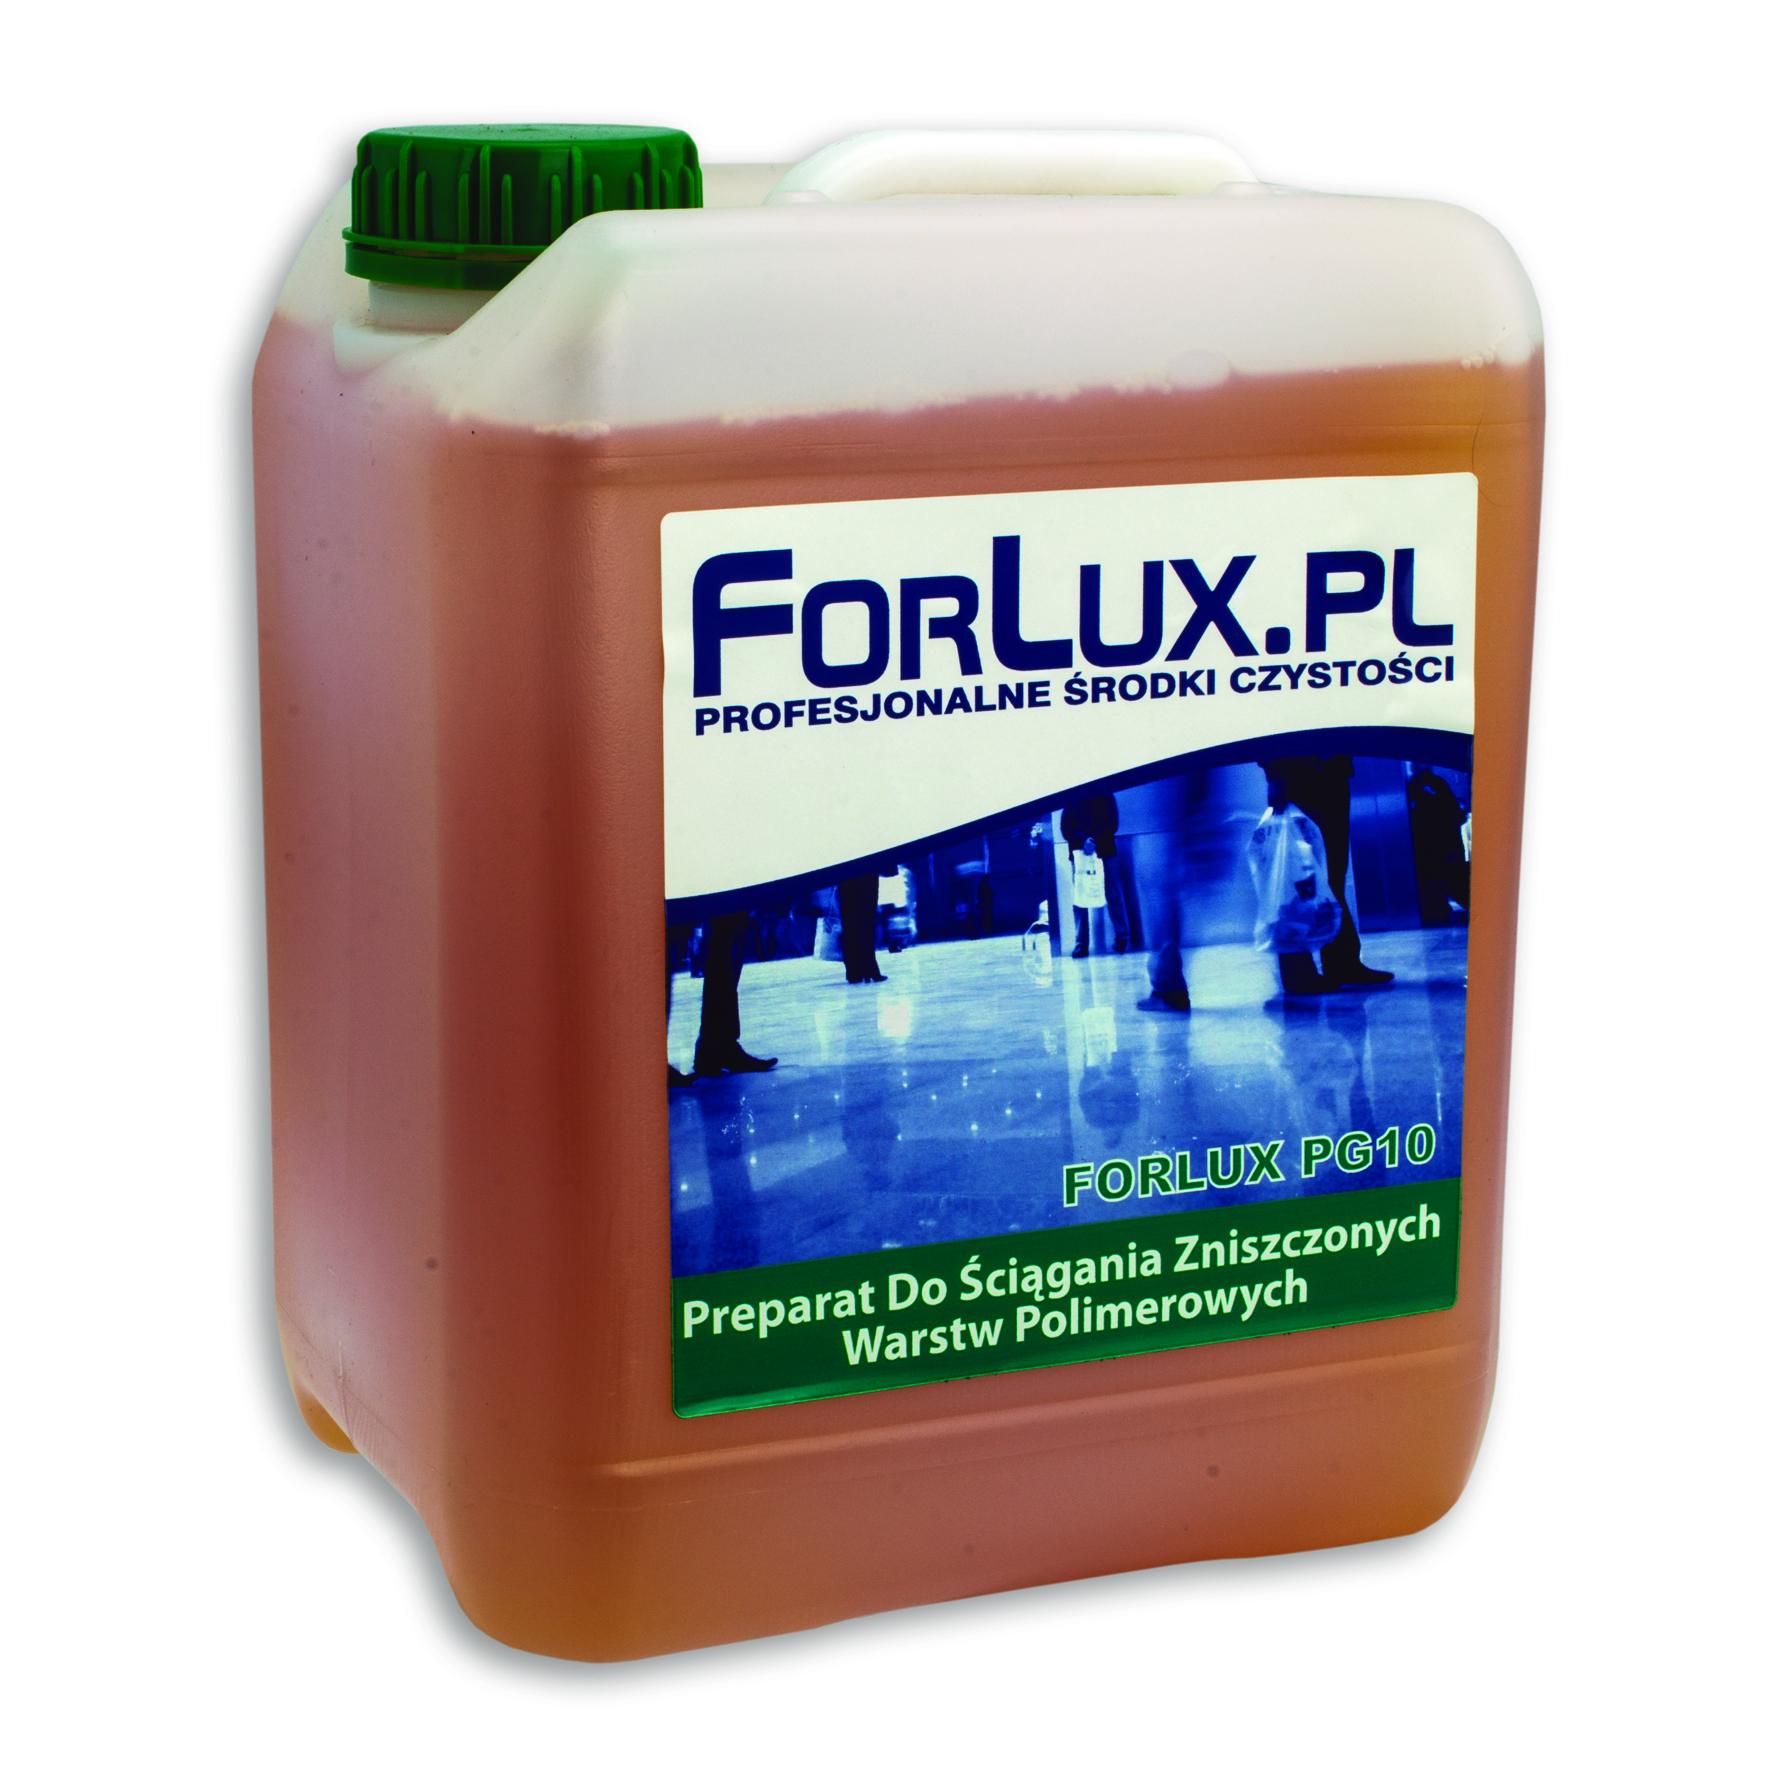 FORLUX PG 10 Ściąganie warstw polimerowych